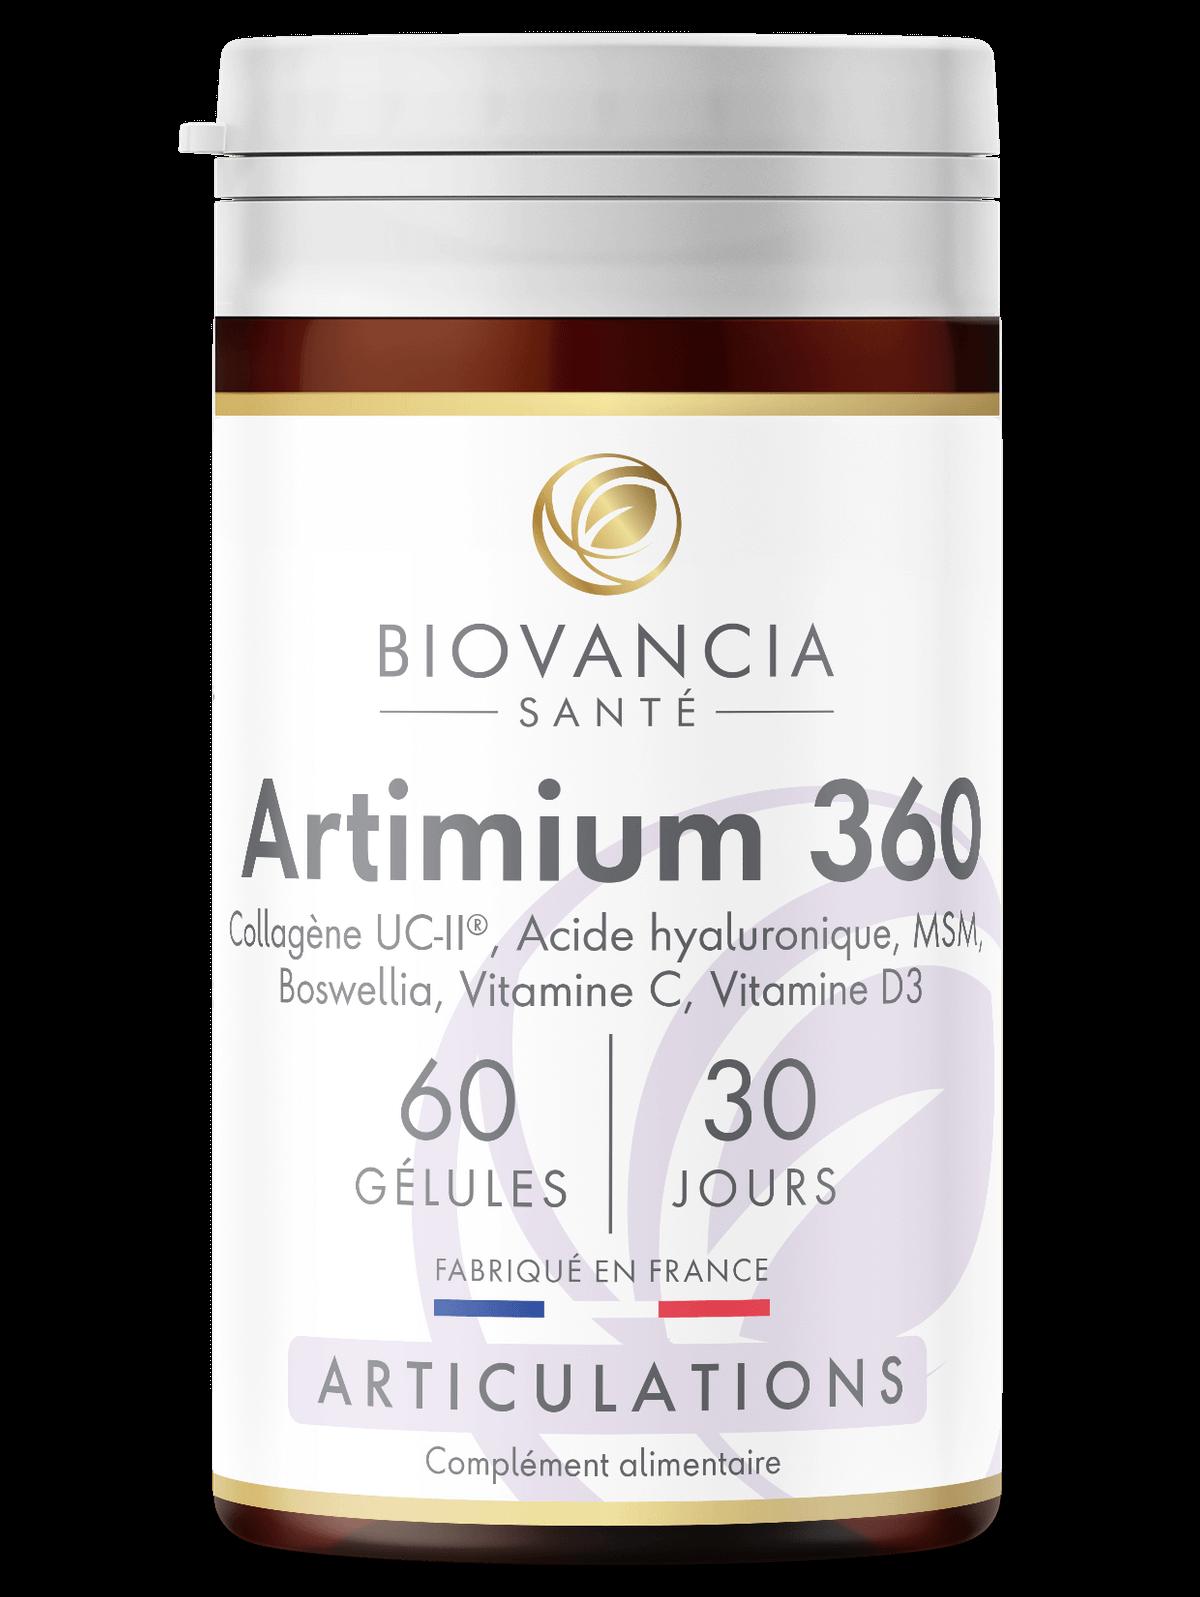 Artimium 360  Biovancia Avis